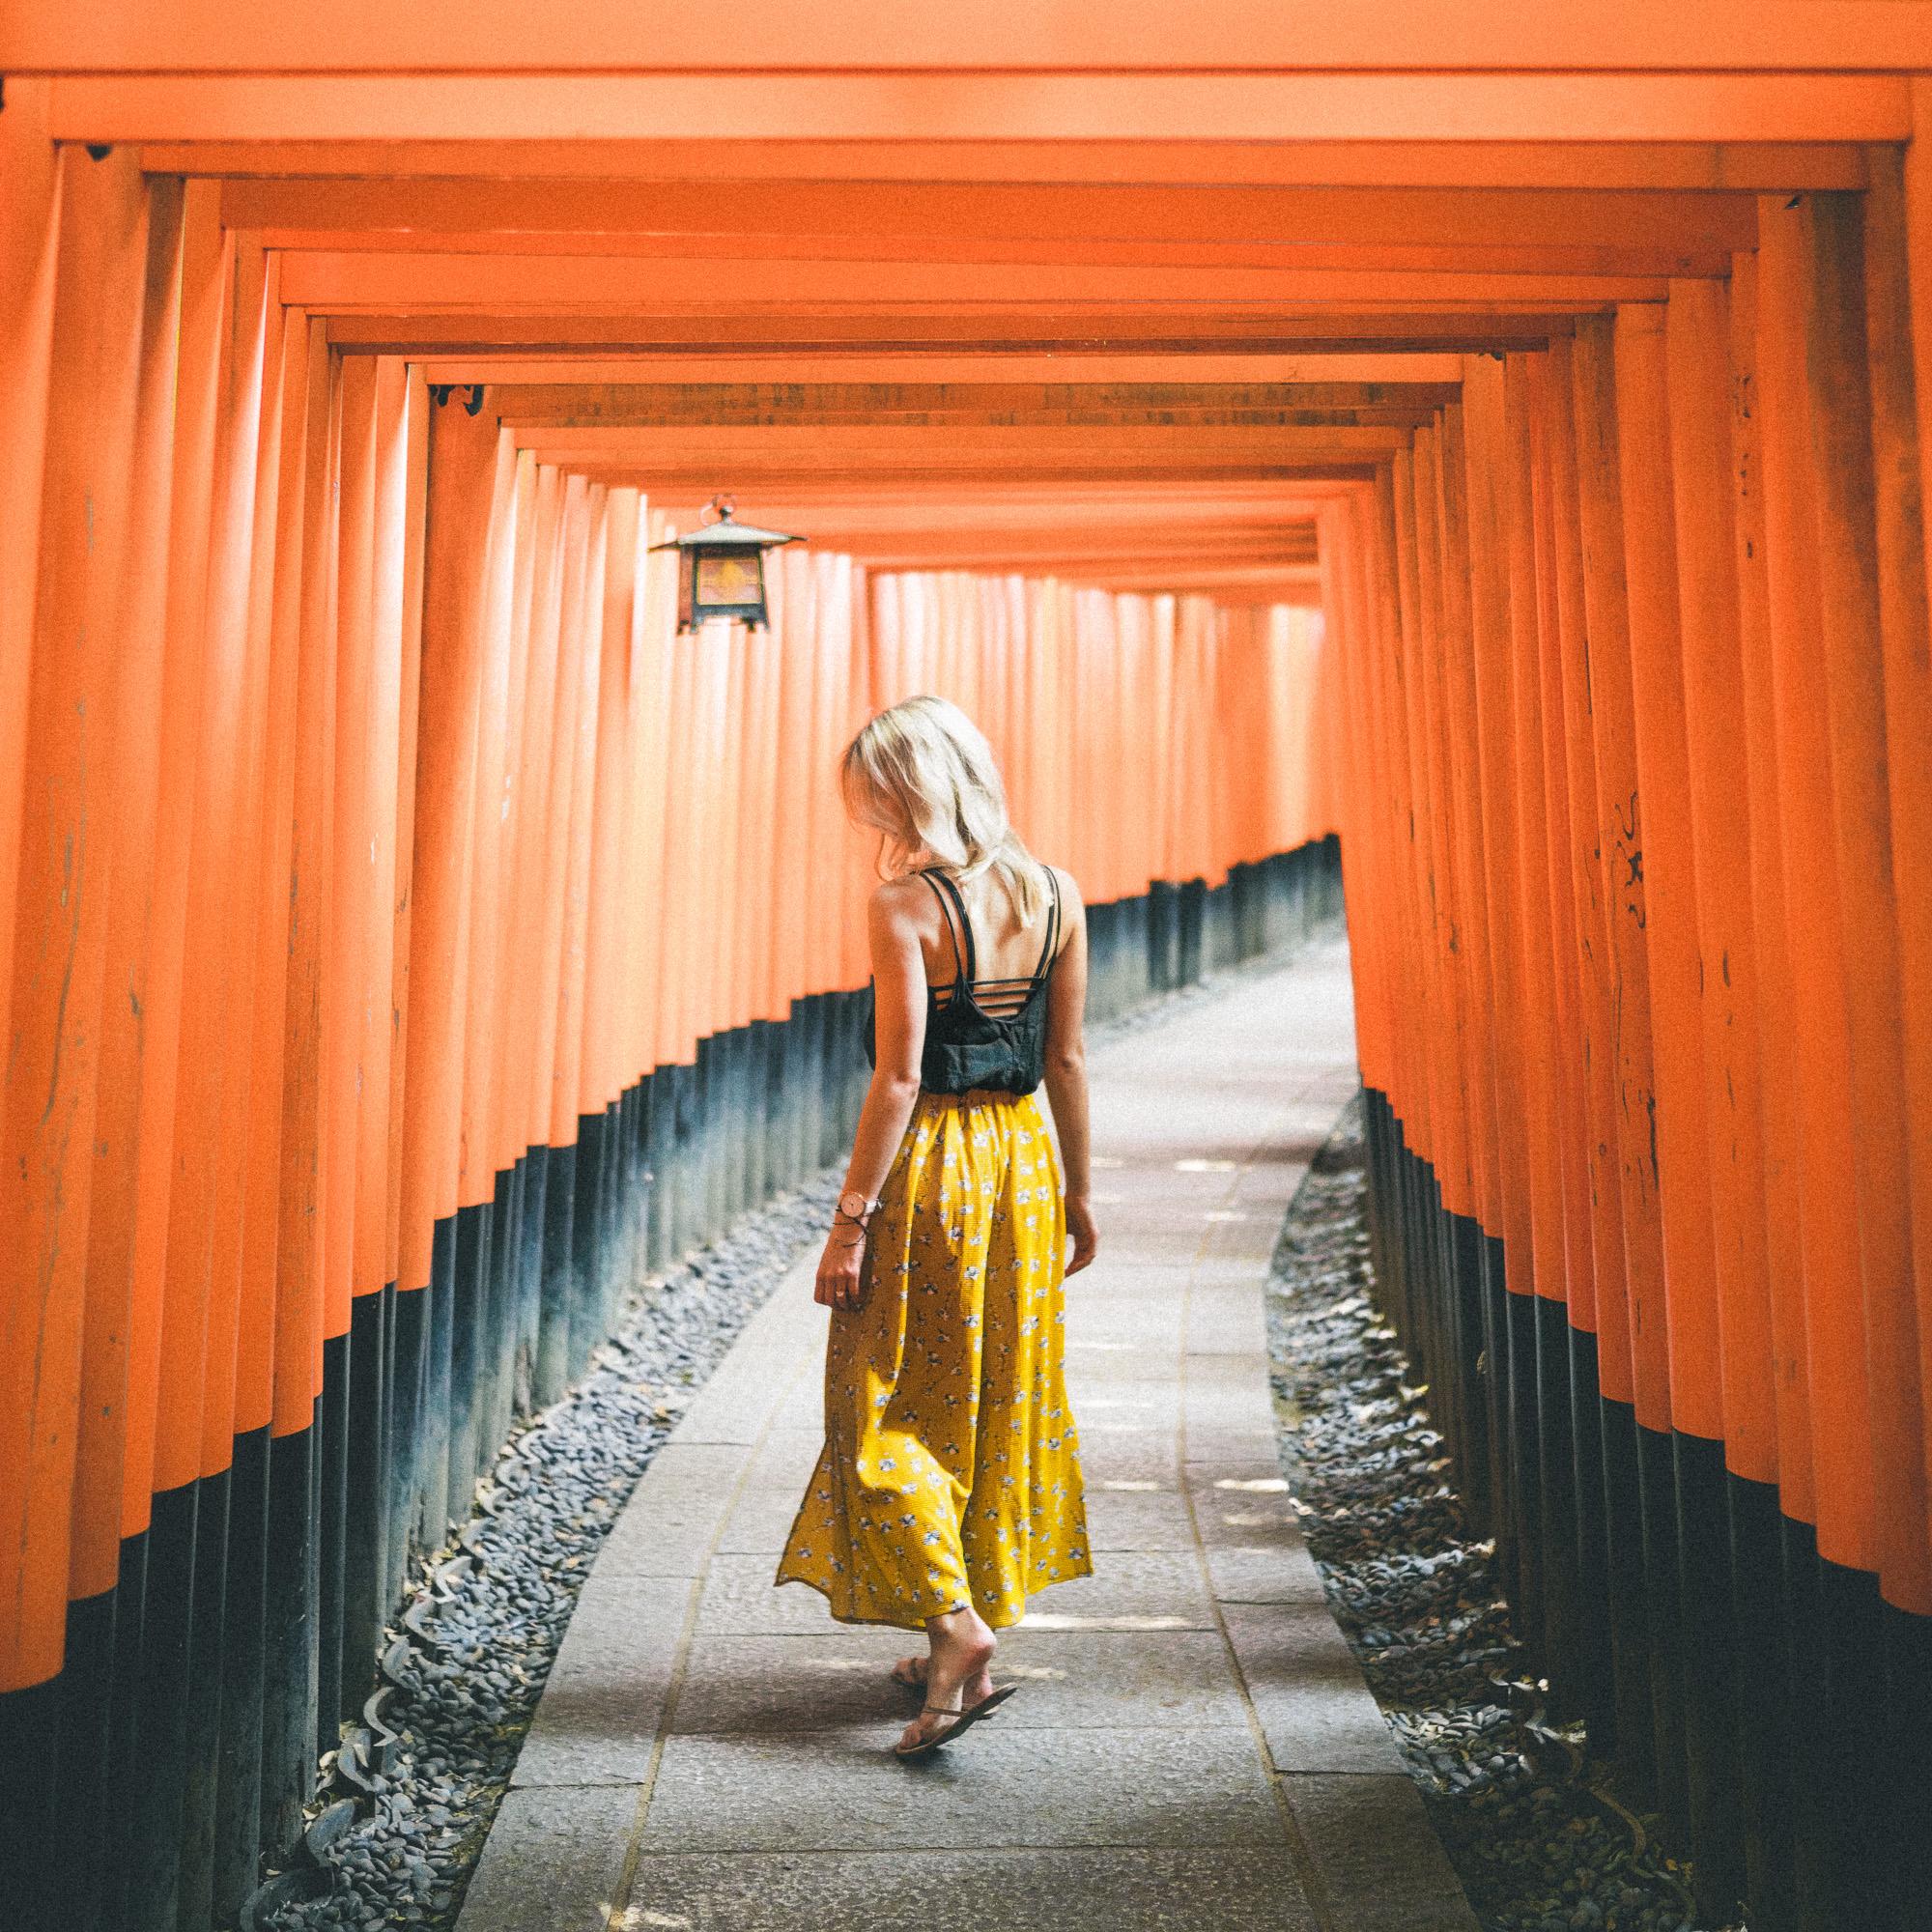 Fushimi-Inari Taisha Shrine in Kyoto, Japan | 24 Hour Guide to Kyoto, Japan | 1 Day Guide Kyoto | Kyoto City Guide | Kyoto Travel Itinerary